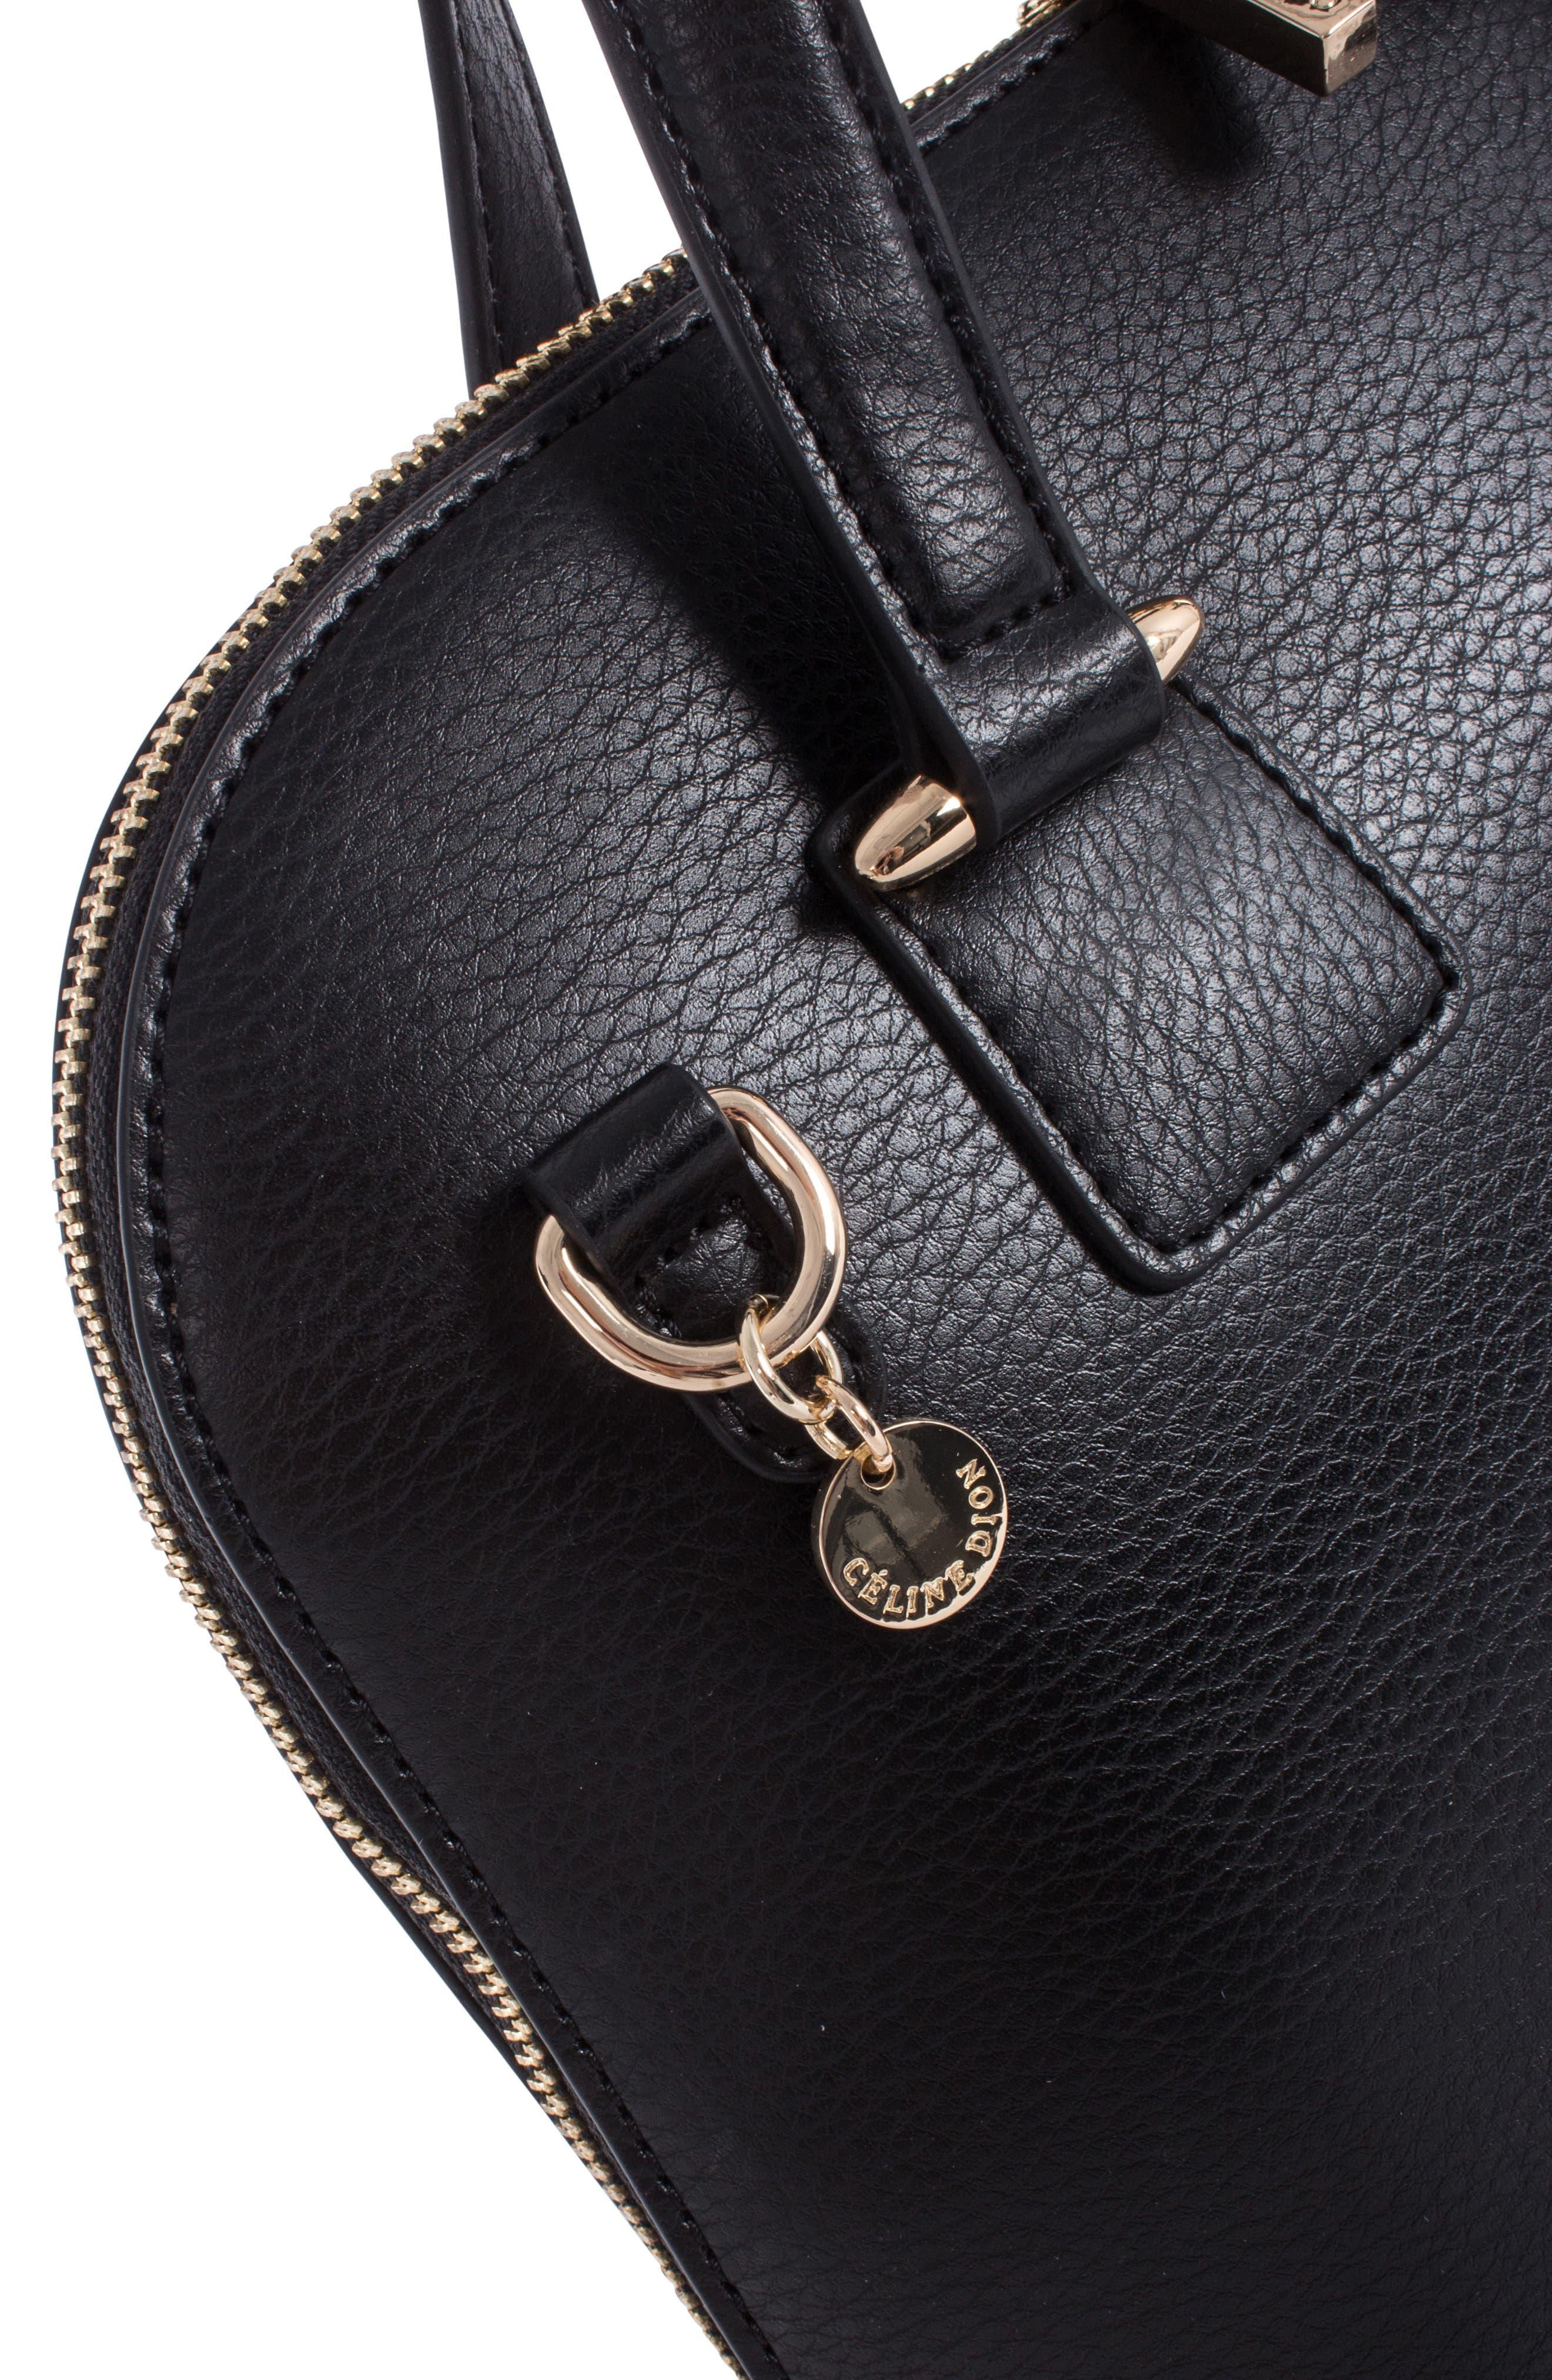 Céline Dion Triad Leather Satchel,                             Alternate thumbnail 6, color,                             BLACK